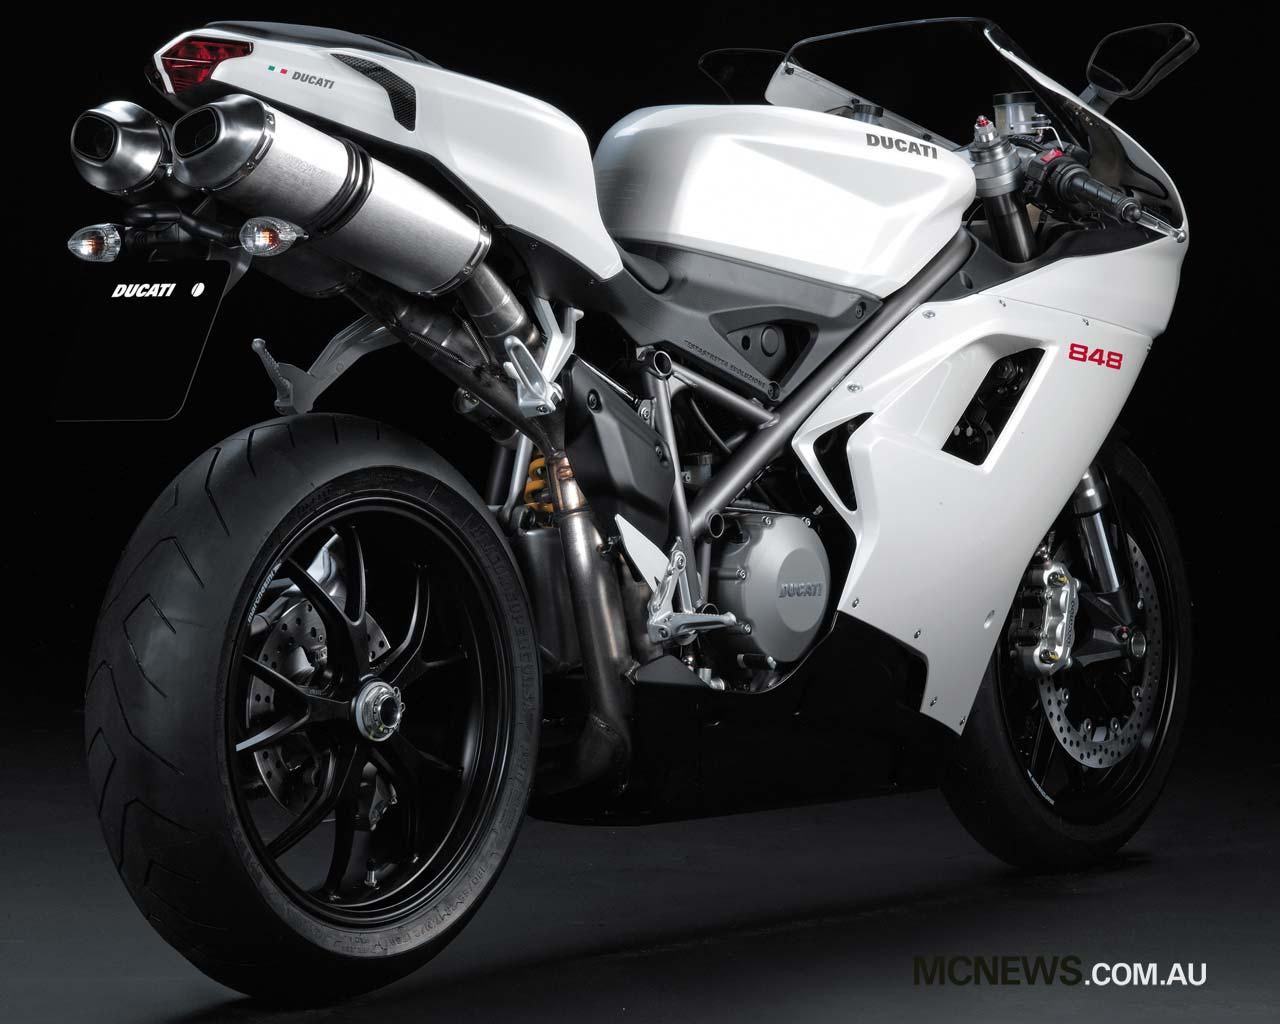 New Bikes: Ducati Bikes Photos